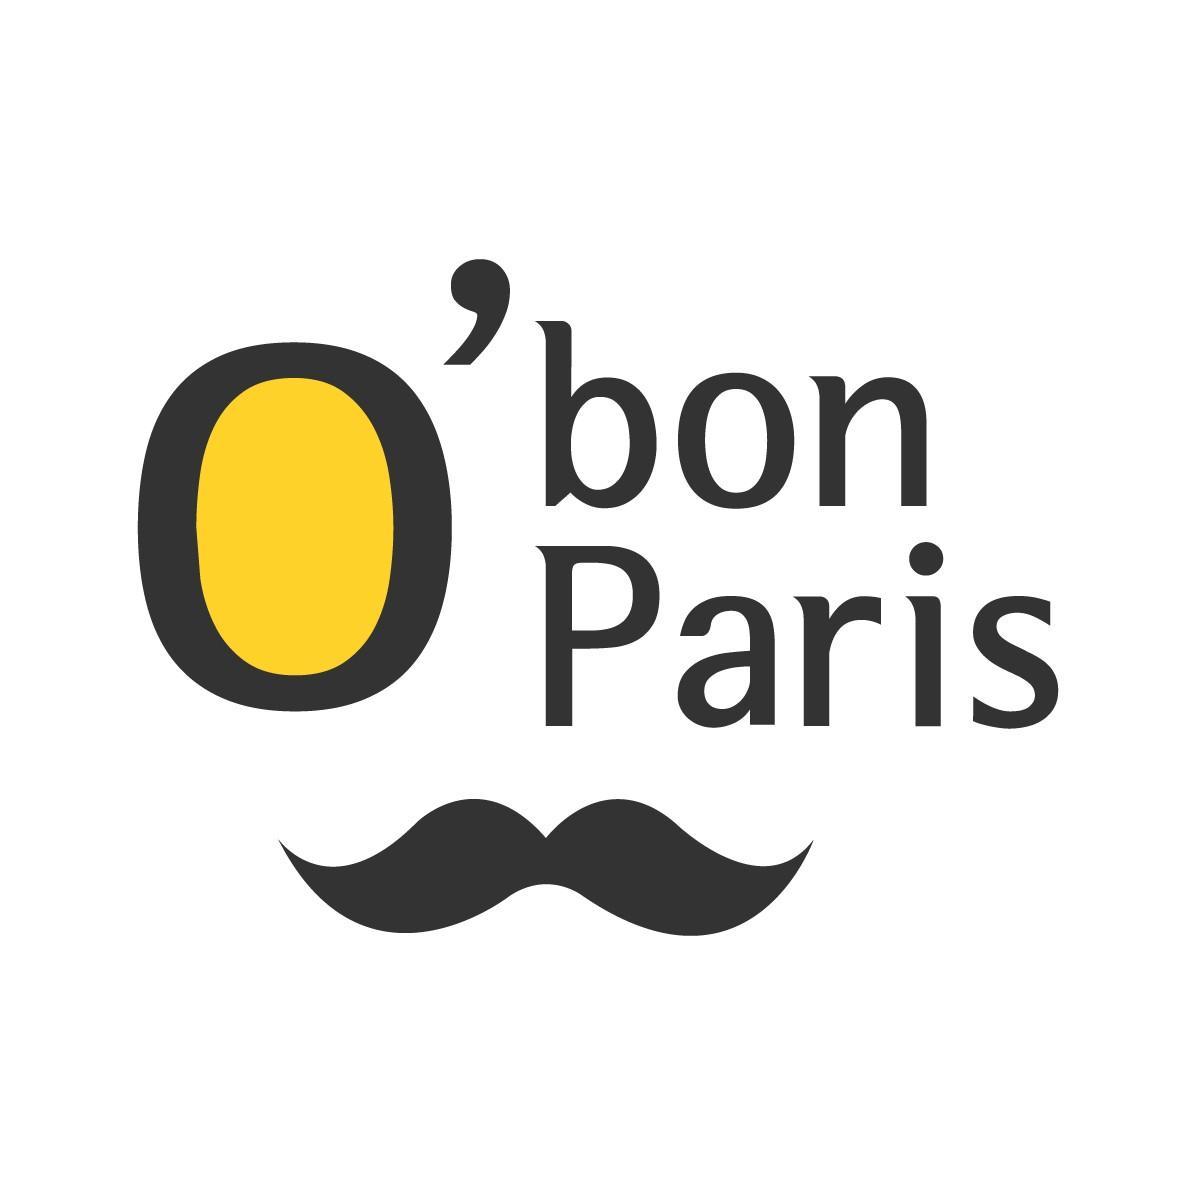 巴诗威合作伙伴-欧棒巴黎